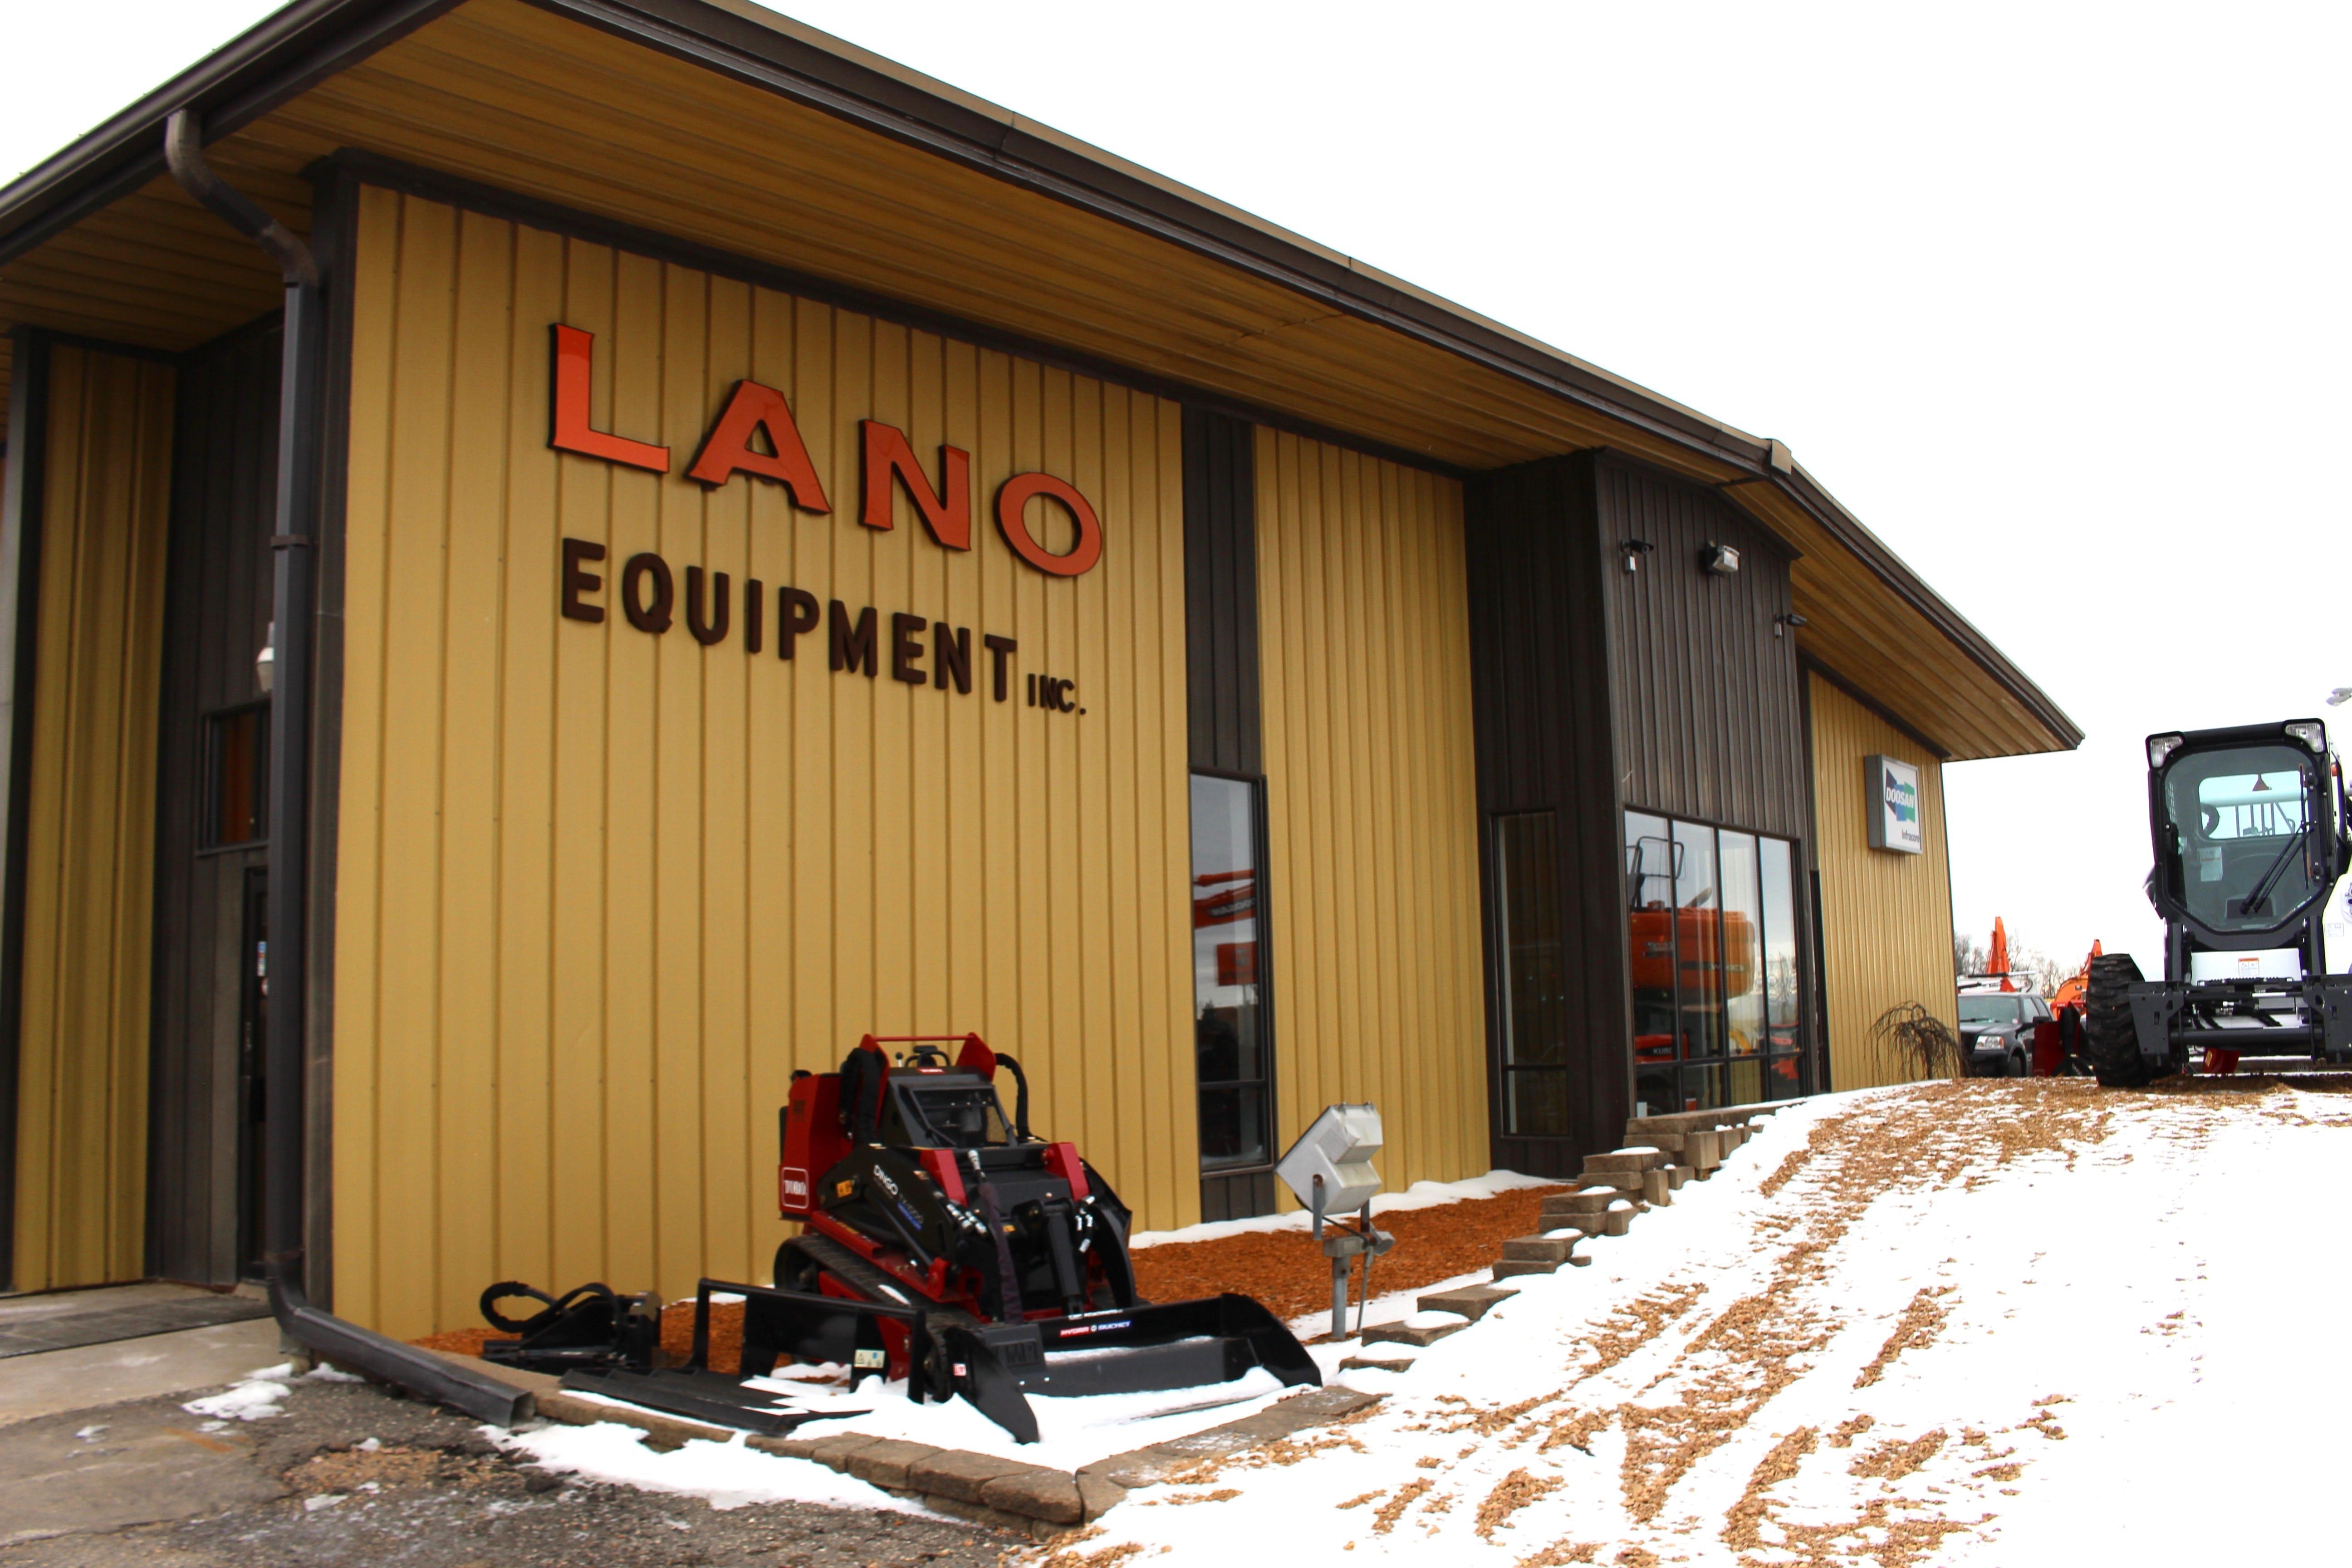 Lano Equipment Rental - Lano Equipment, Inc